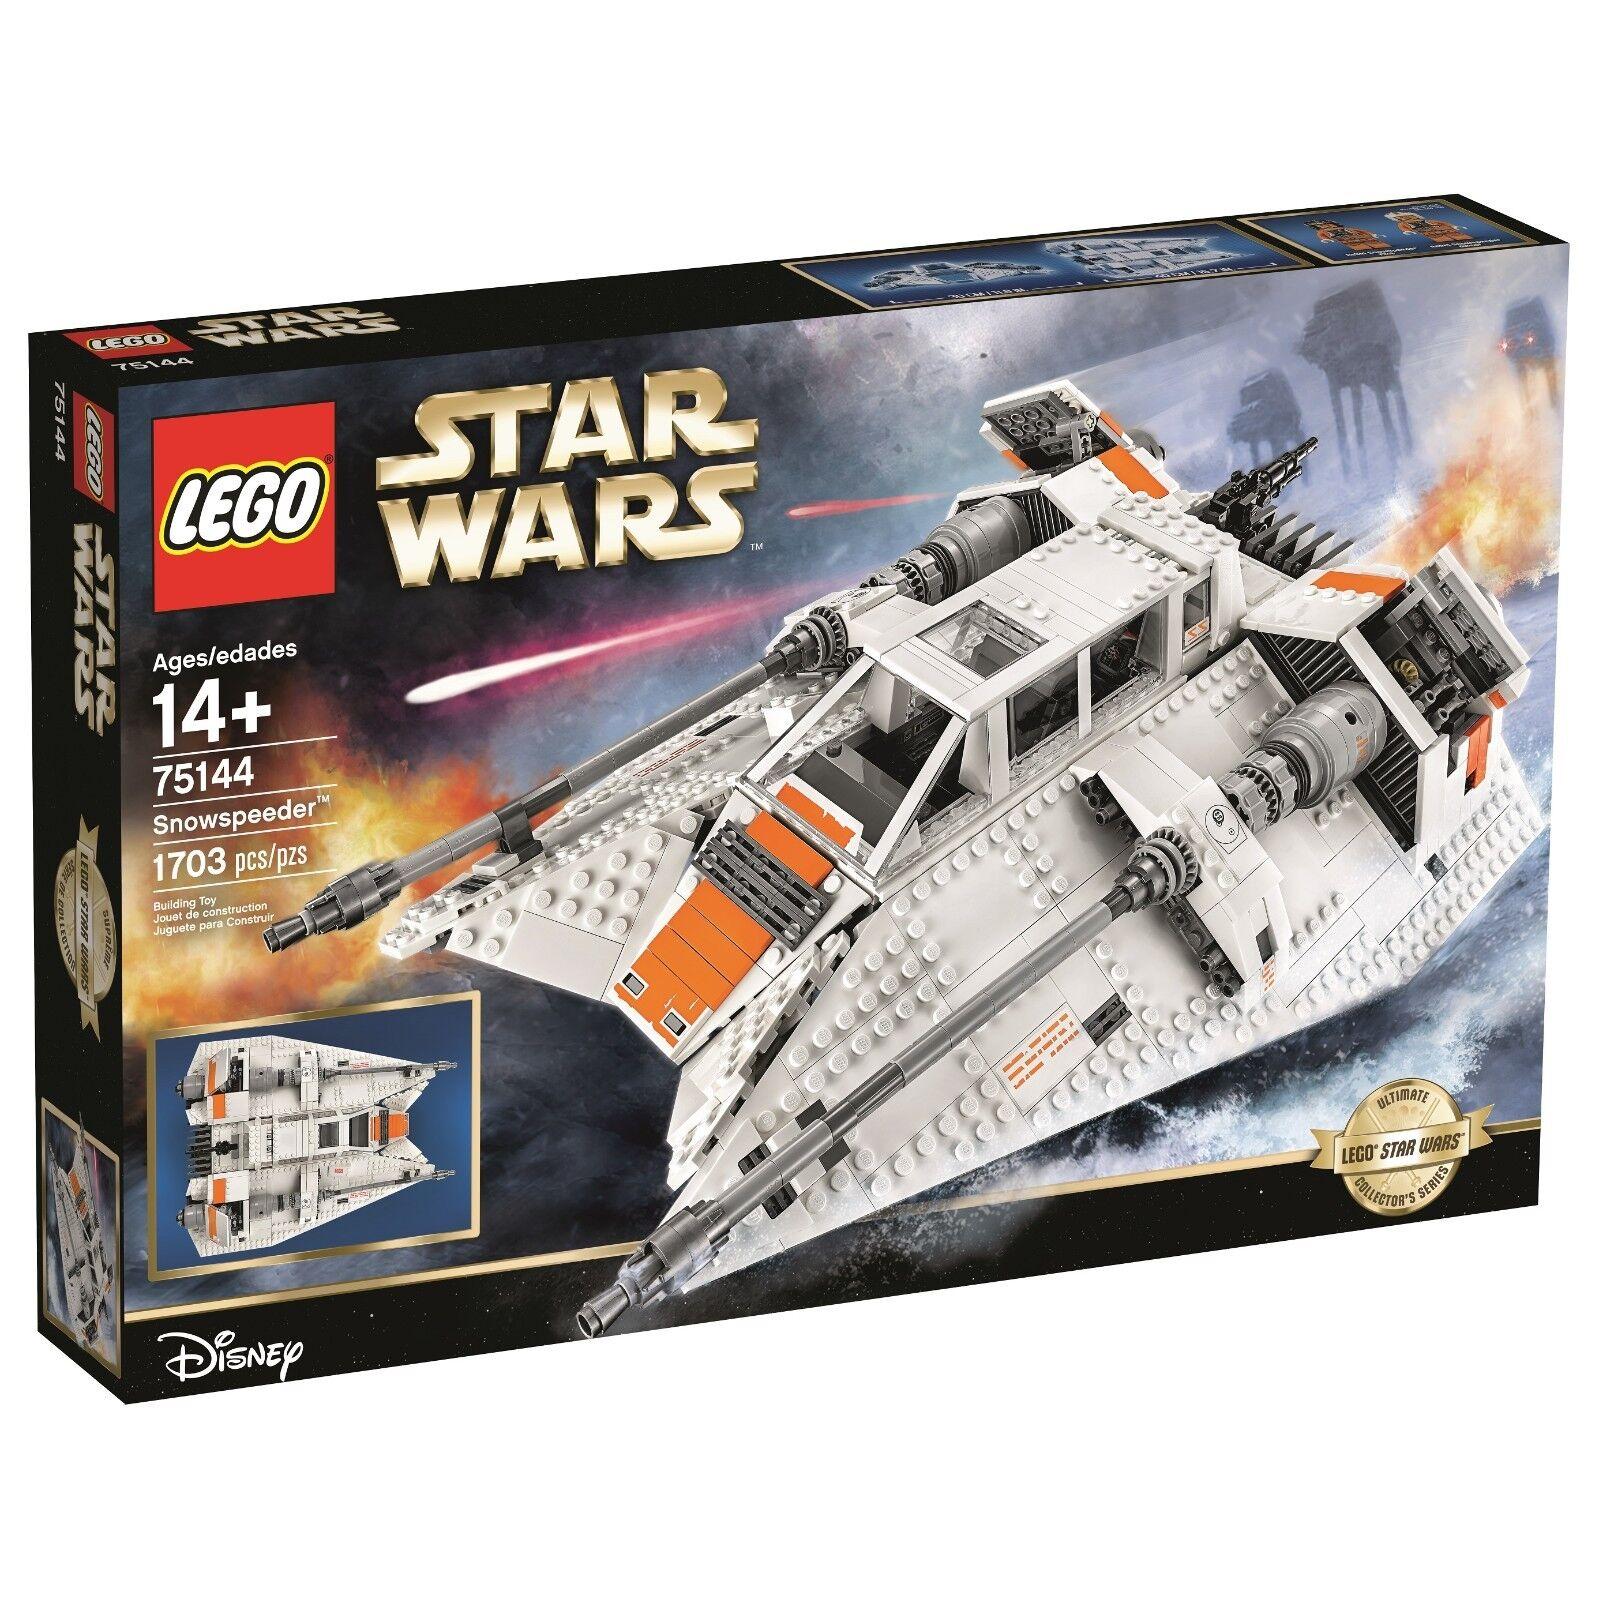 Lego Star Wars 75144 Snowspeeder-UCS Exclusive Expédition Mondiale